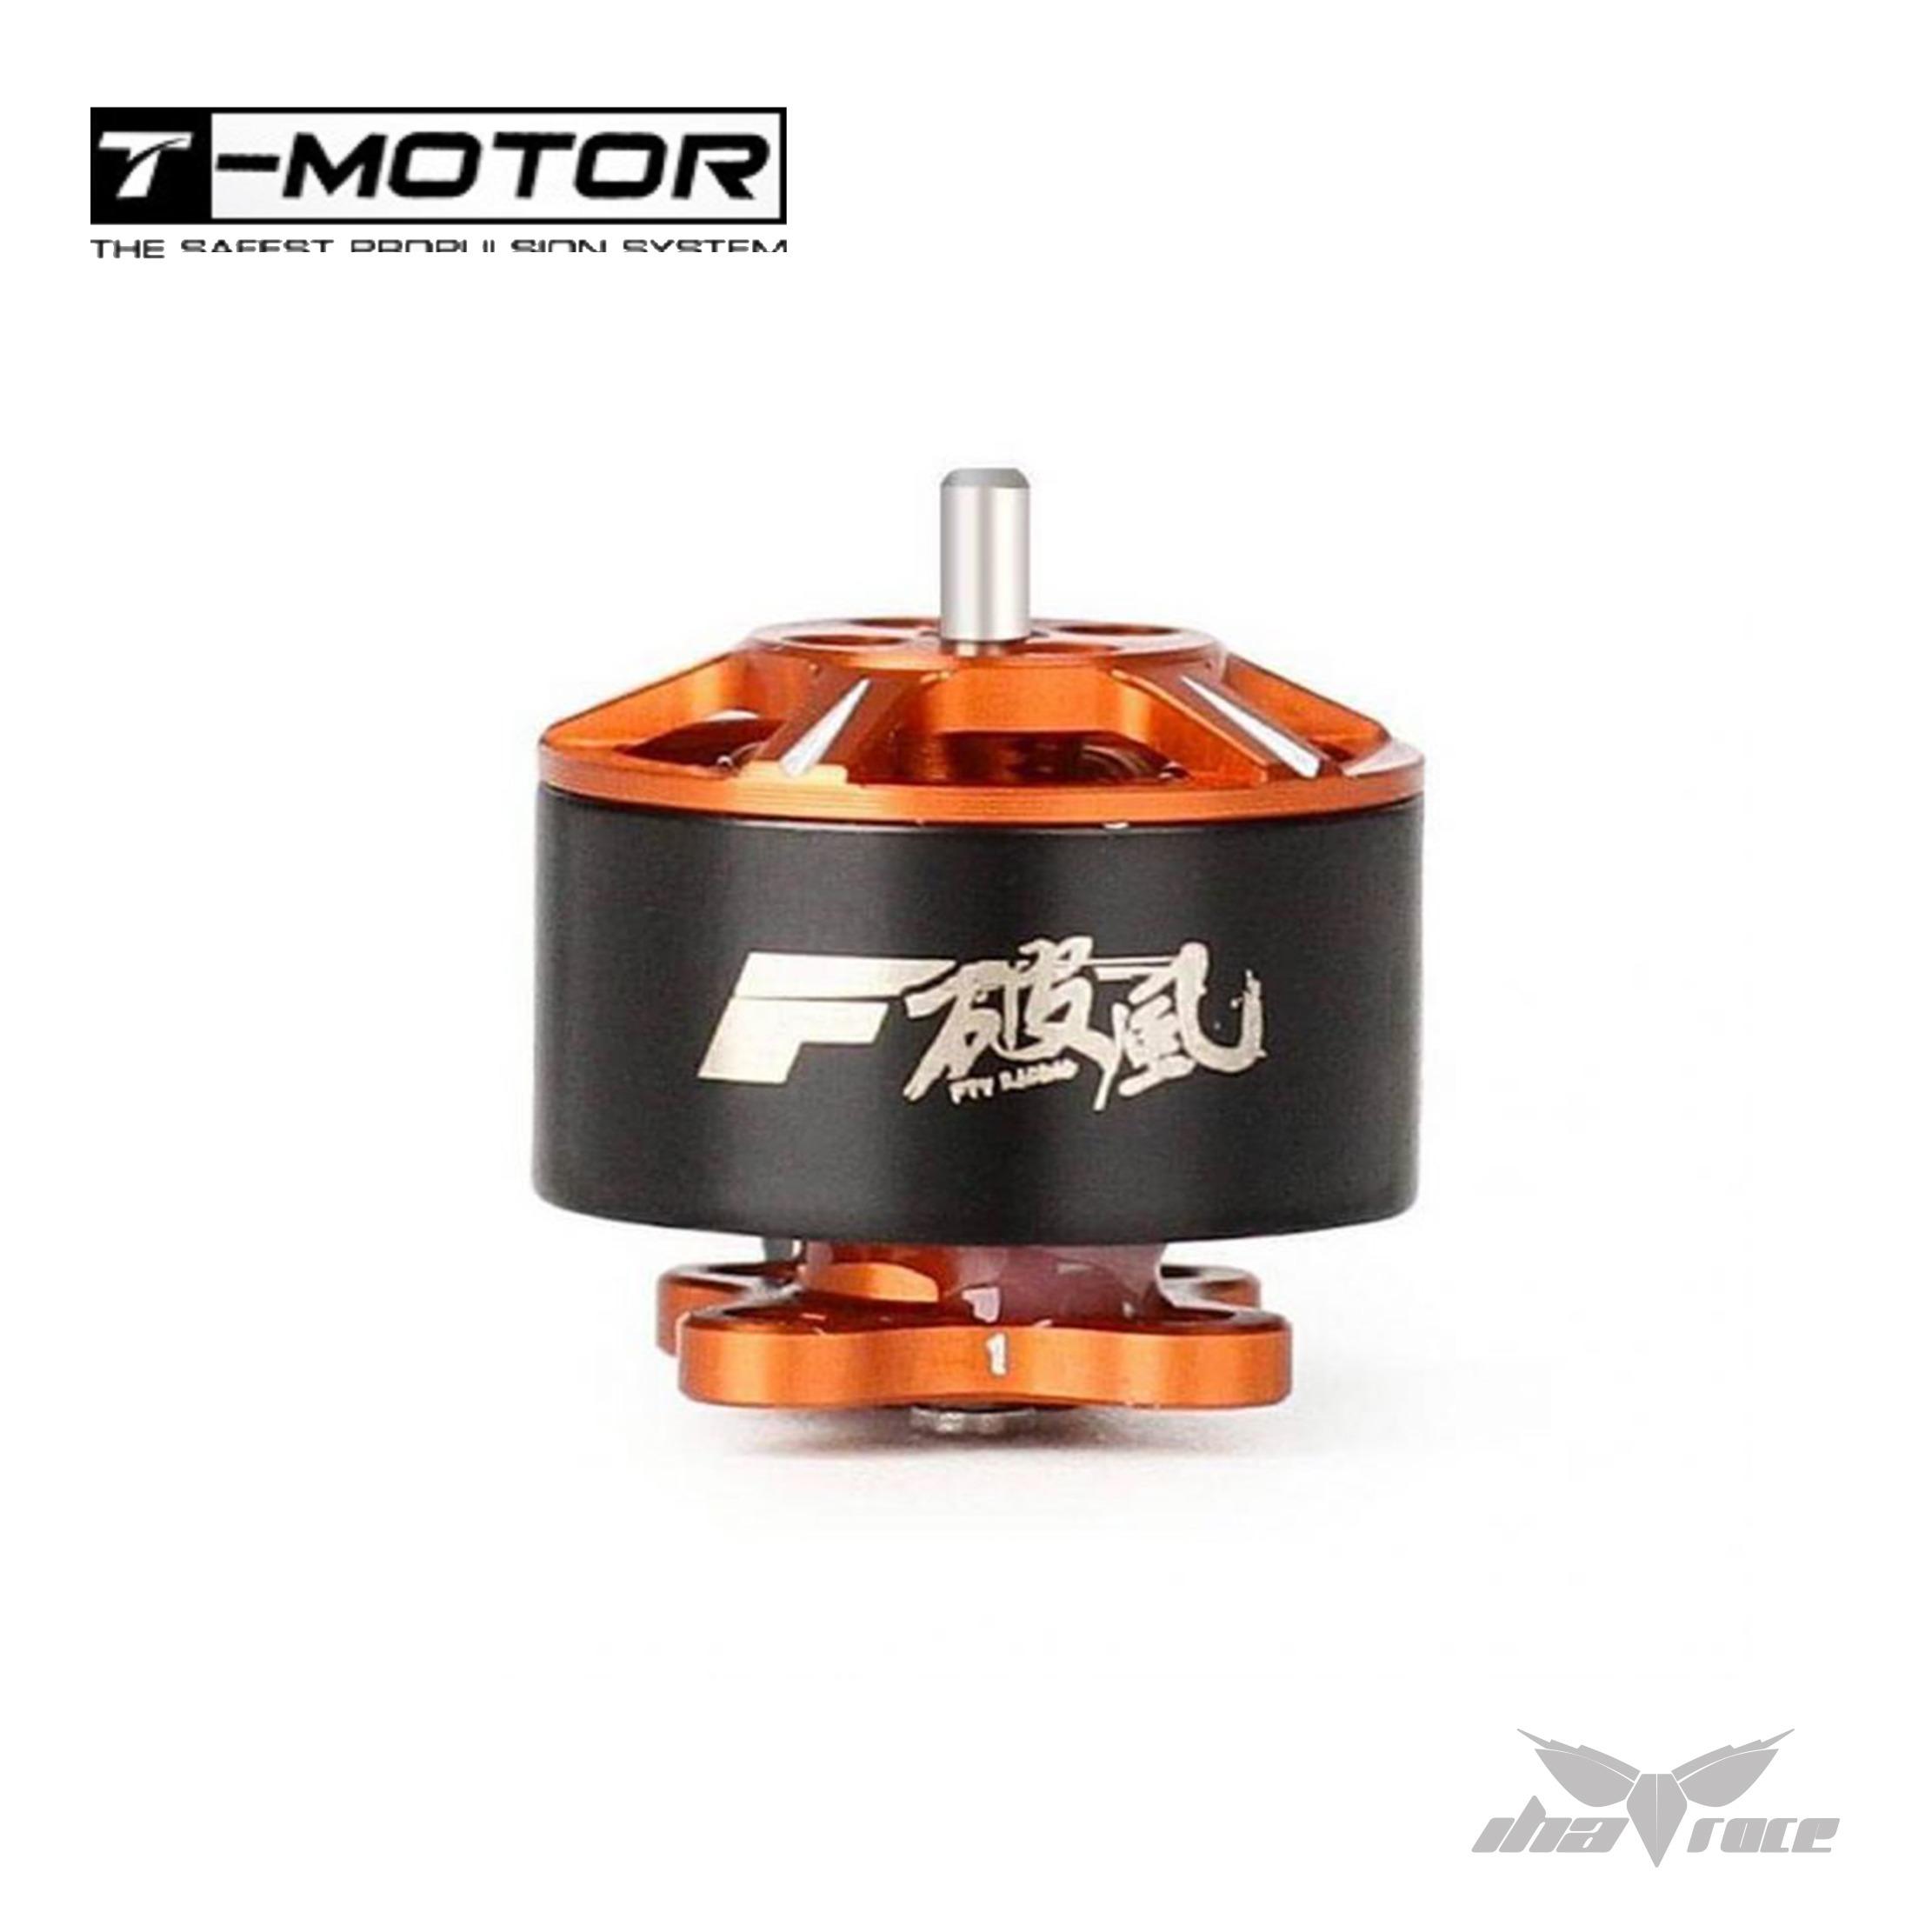 Motor F15 T-Motor 6000Kv comprar barato